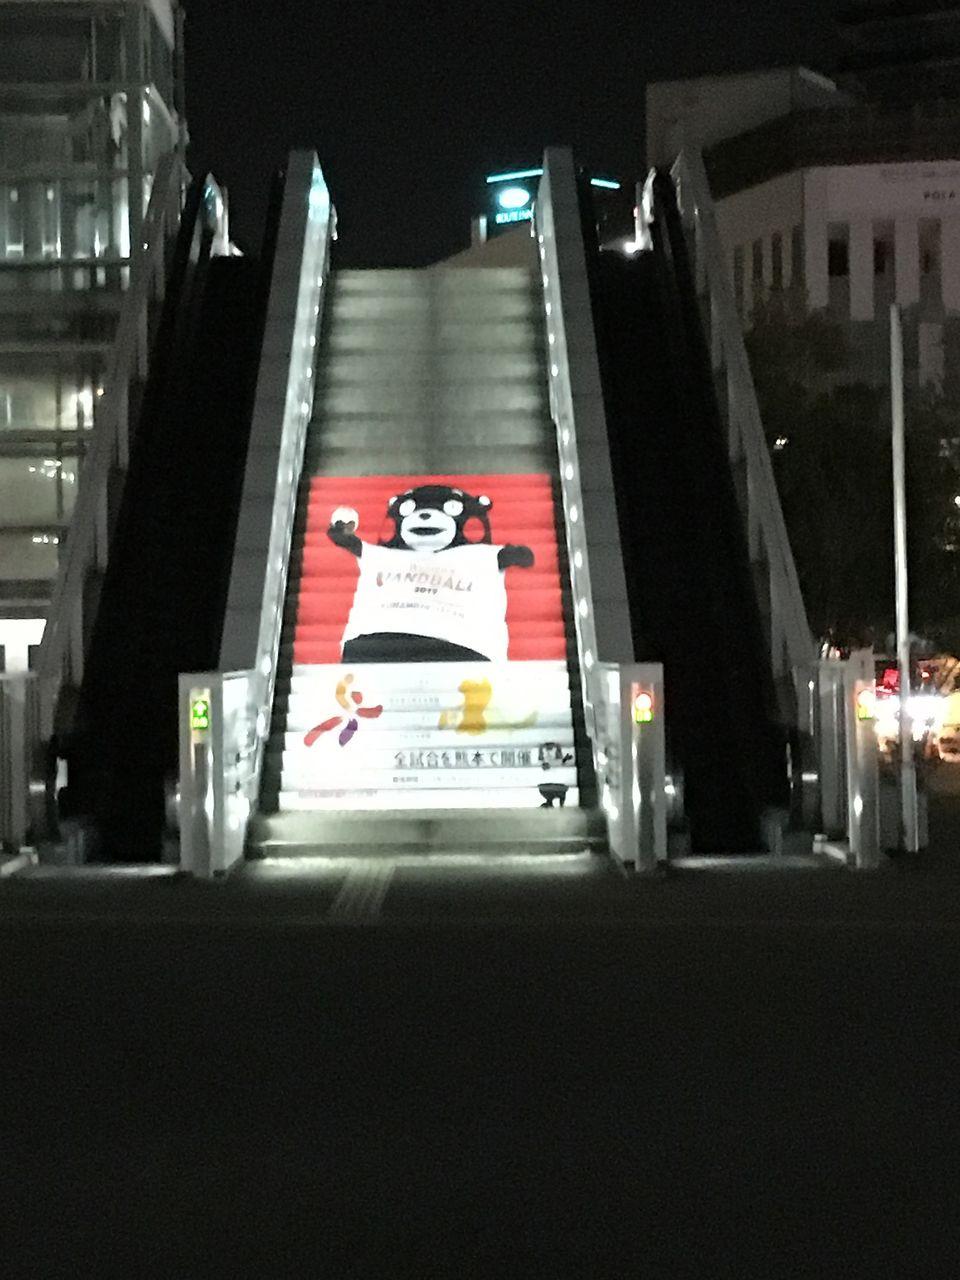 熊本駅前広場でエスカレーターになった「くまモン」